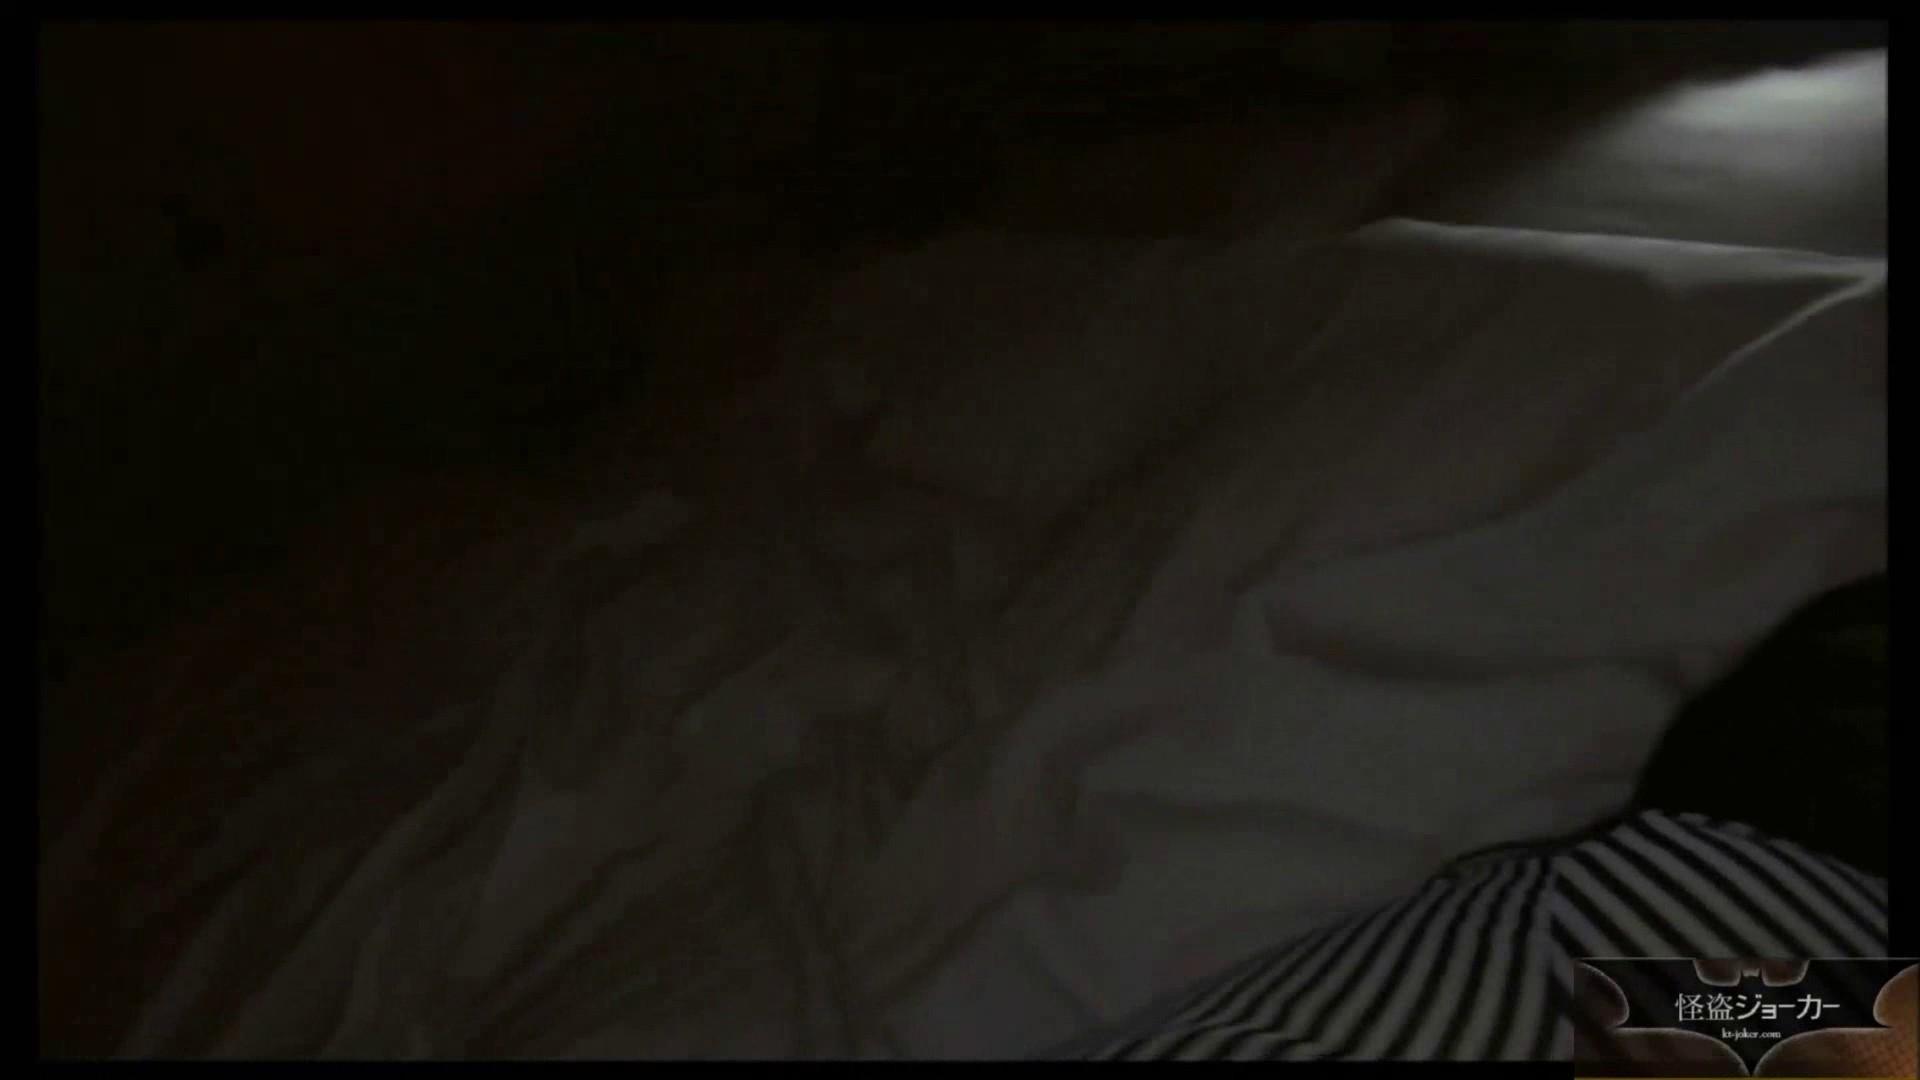 【未公開】vol.65 {黒髪美少女18歳}AIちゃん、連れ込み悪戯③ 反撃の悪戯  93pic 44